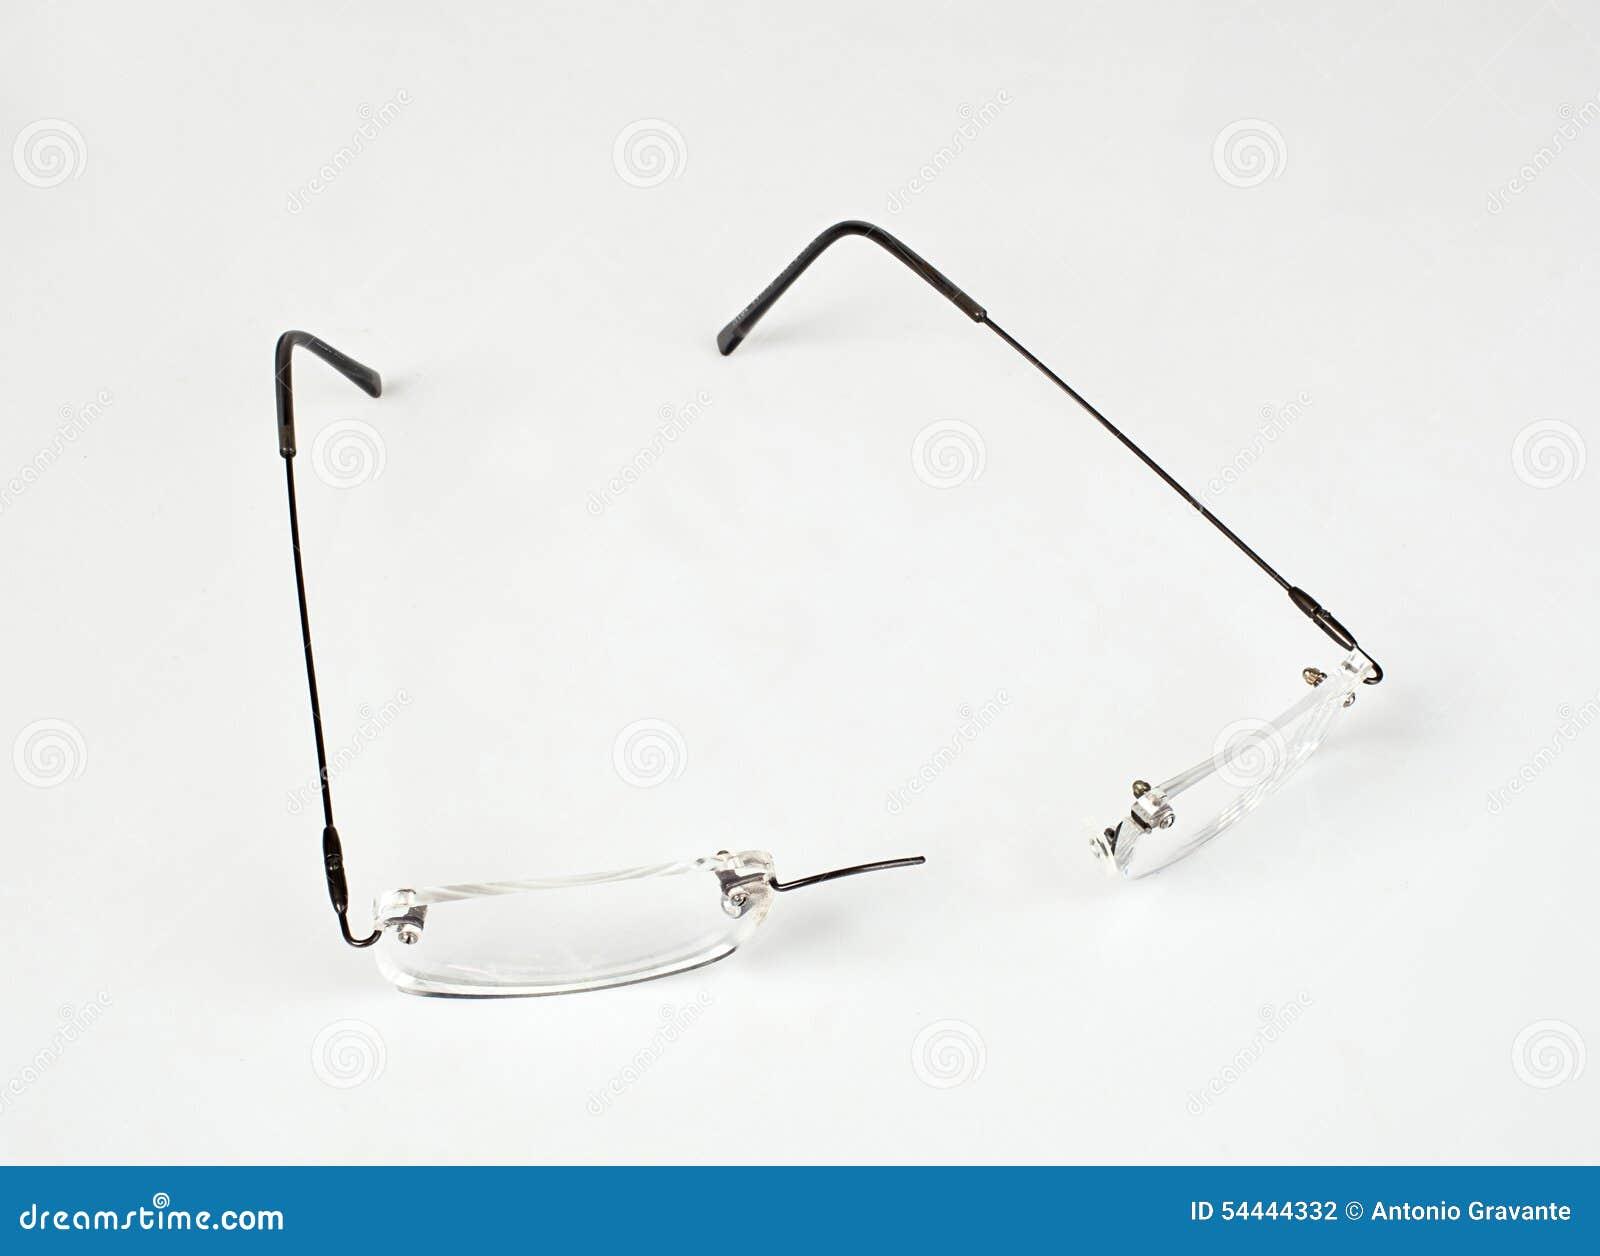 Brillen Mit Dem Leichten Rahmen Gebrochen Stockfoto - Bild von feld ...